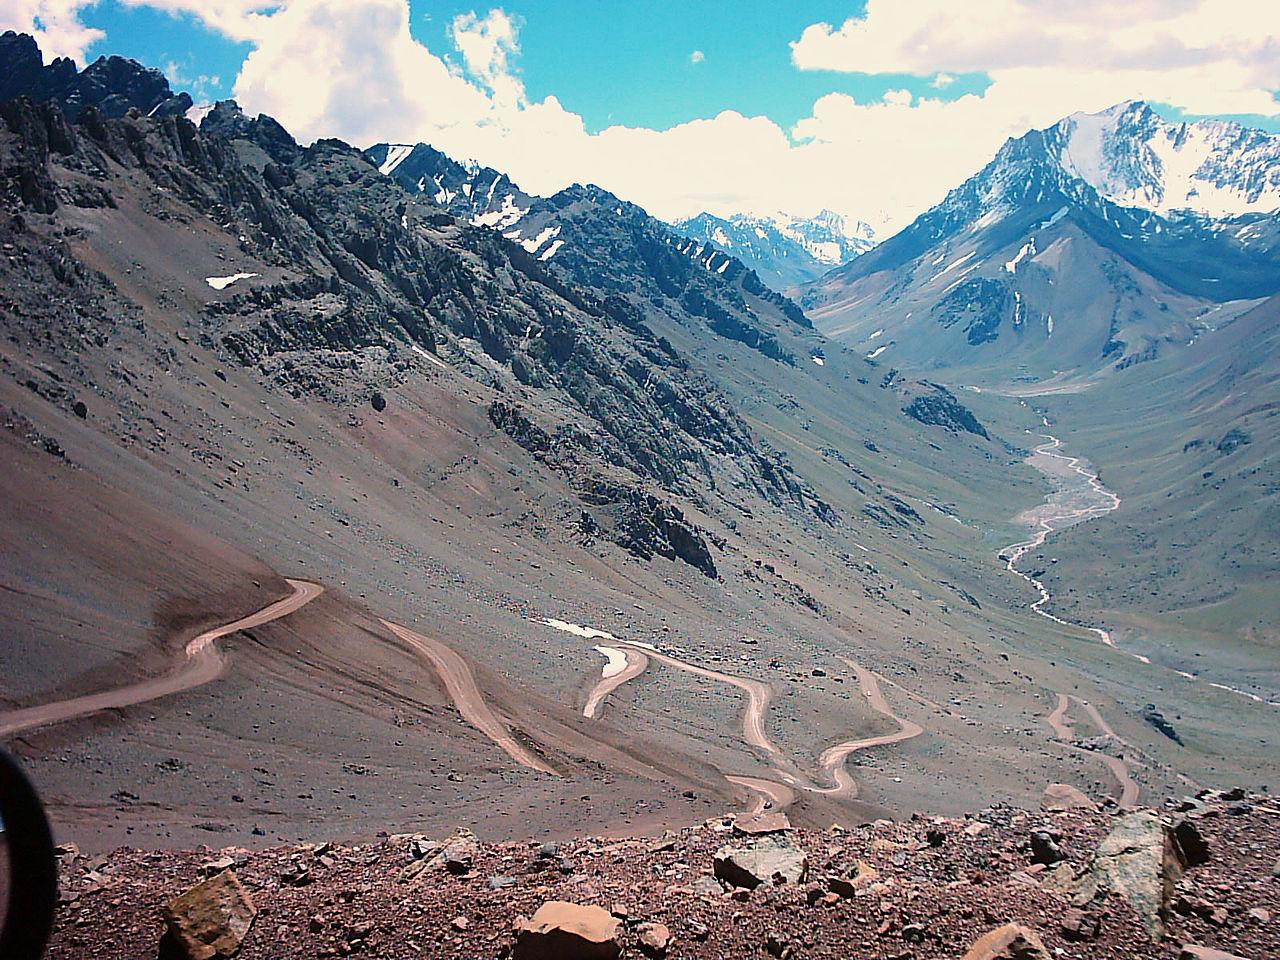 Вид на перевал Бермехо в Андах, дорога к Андскому Христосу